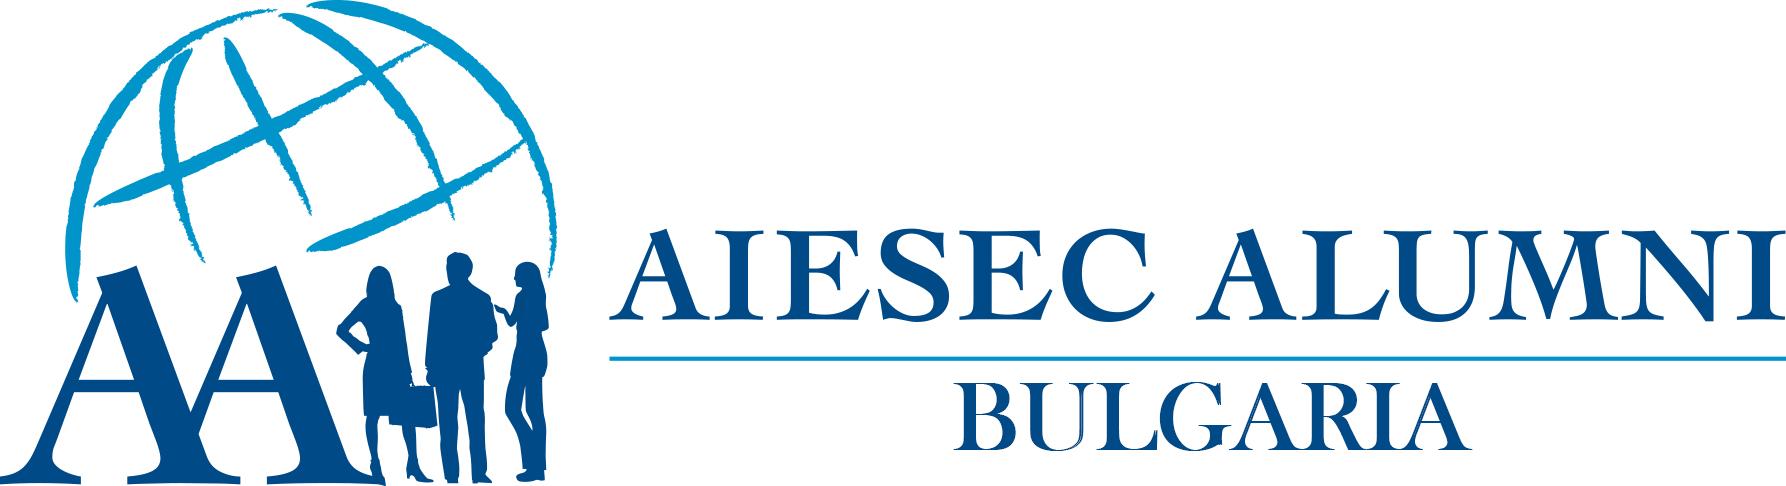 AABG – AIESEC Alumni Bulgaria